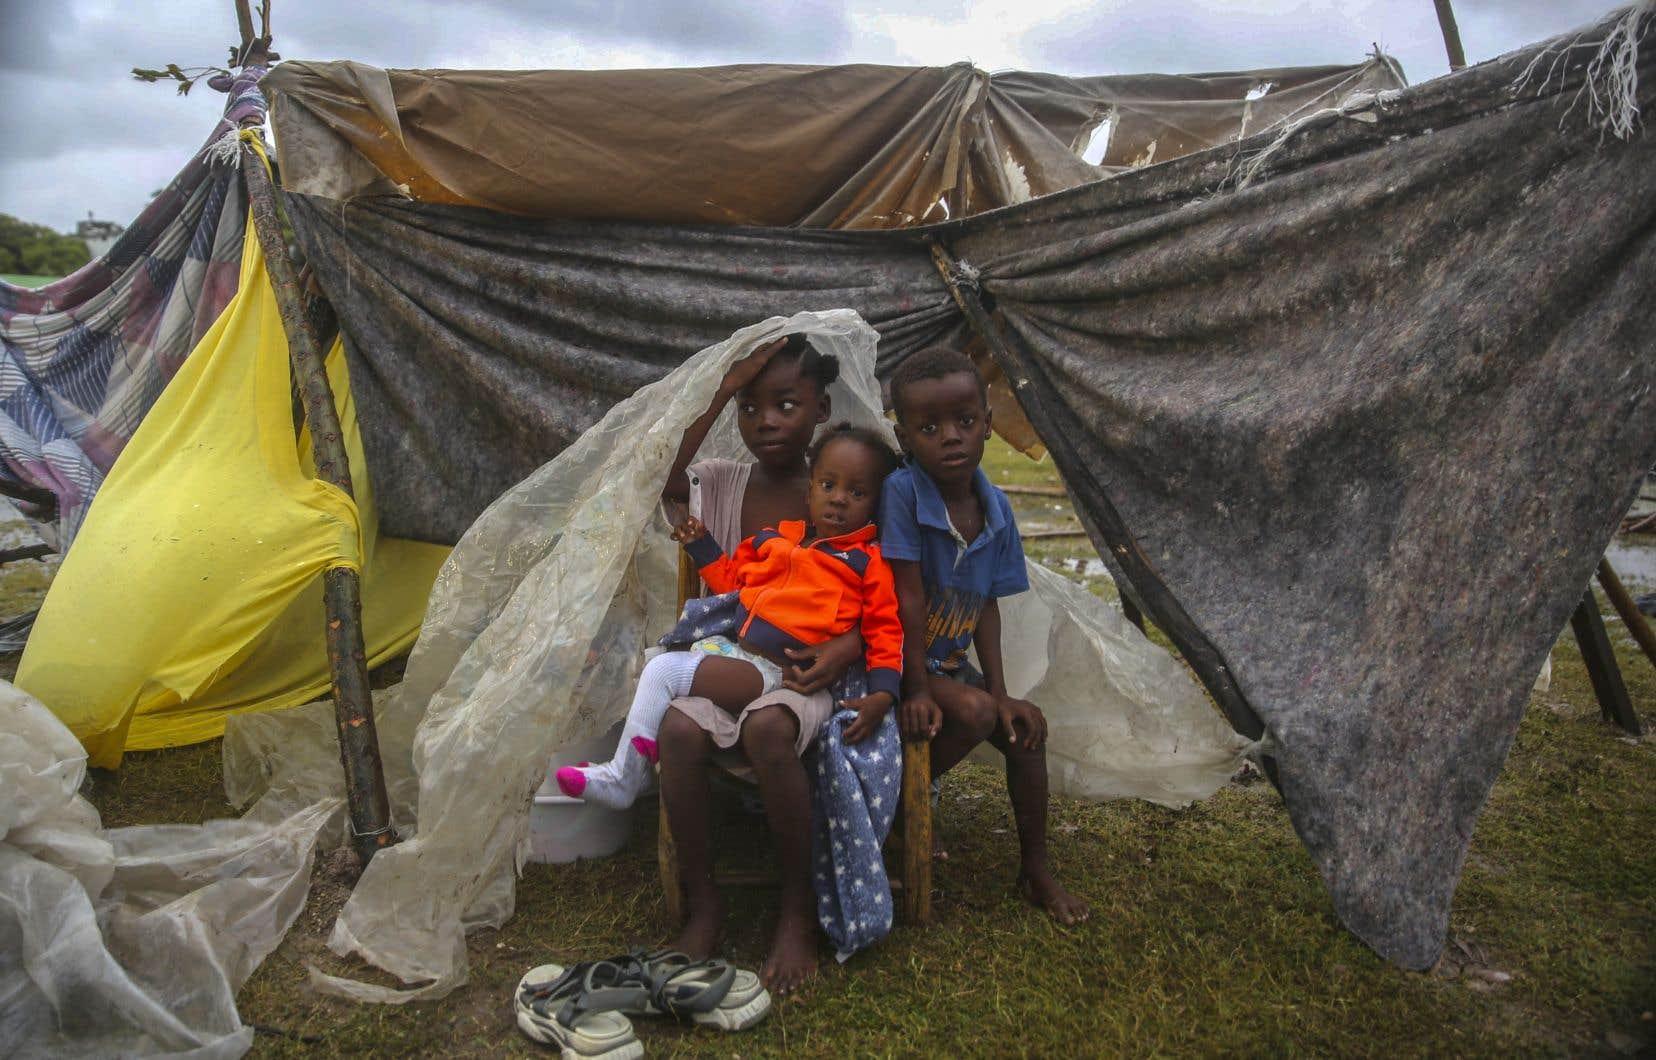 Des enfants déplacés par le séisme se blottissent sous un morceau de plastique le matin après que la tempête tropicale Grace a balayé Les Cayes, en Haïti, mardi le 17 août 2021, trois jours après un séisme de magnitude 7,2.